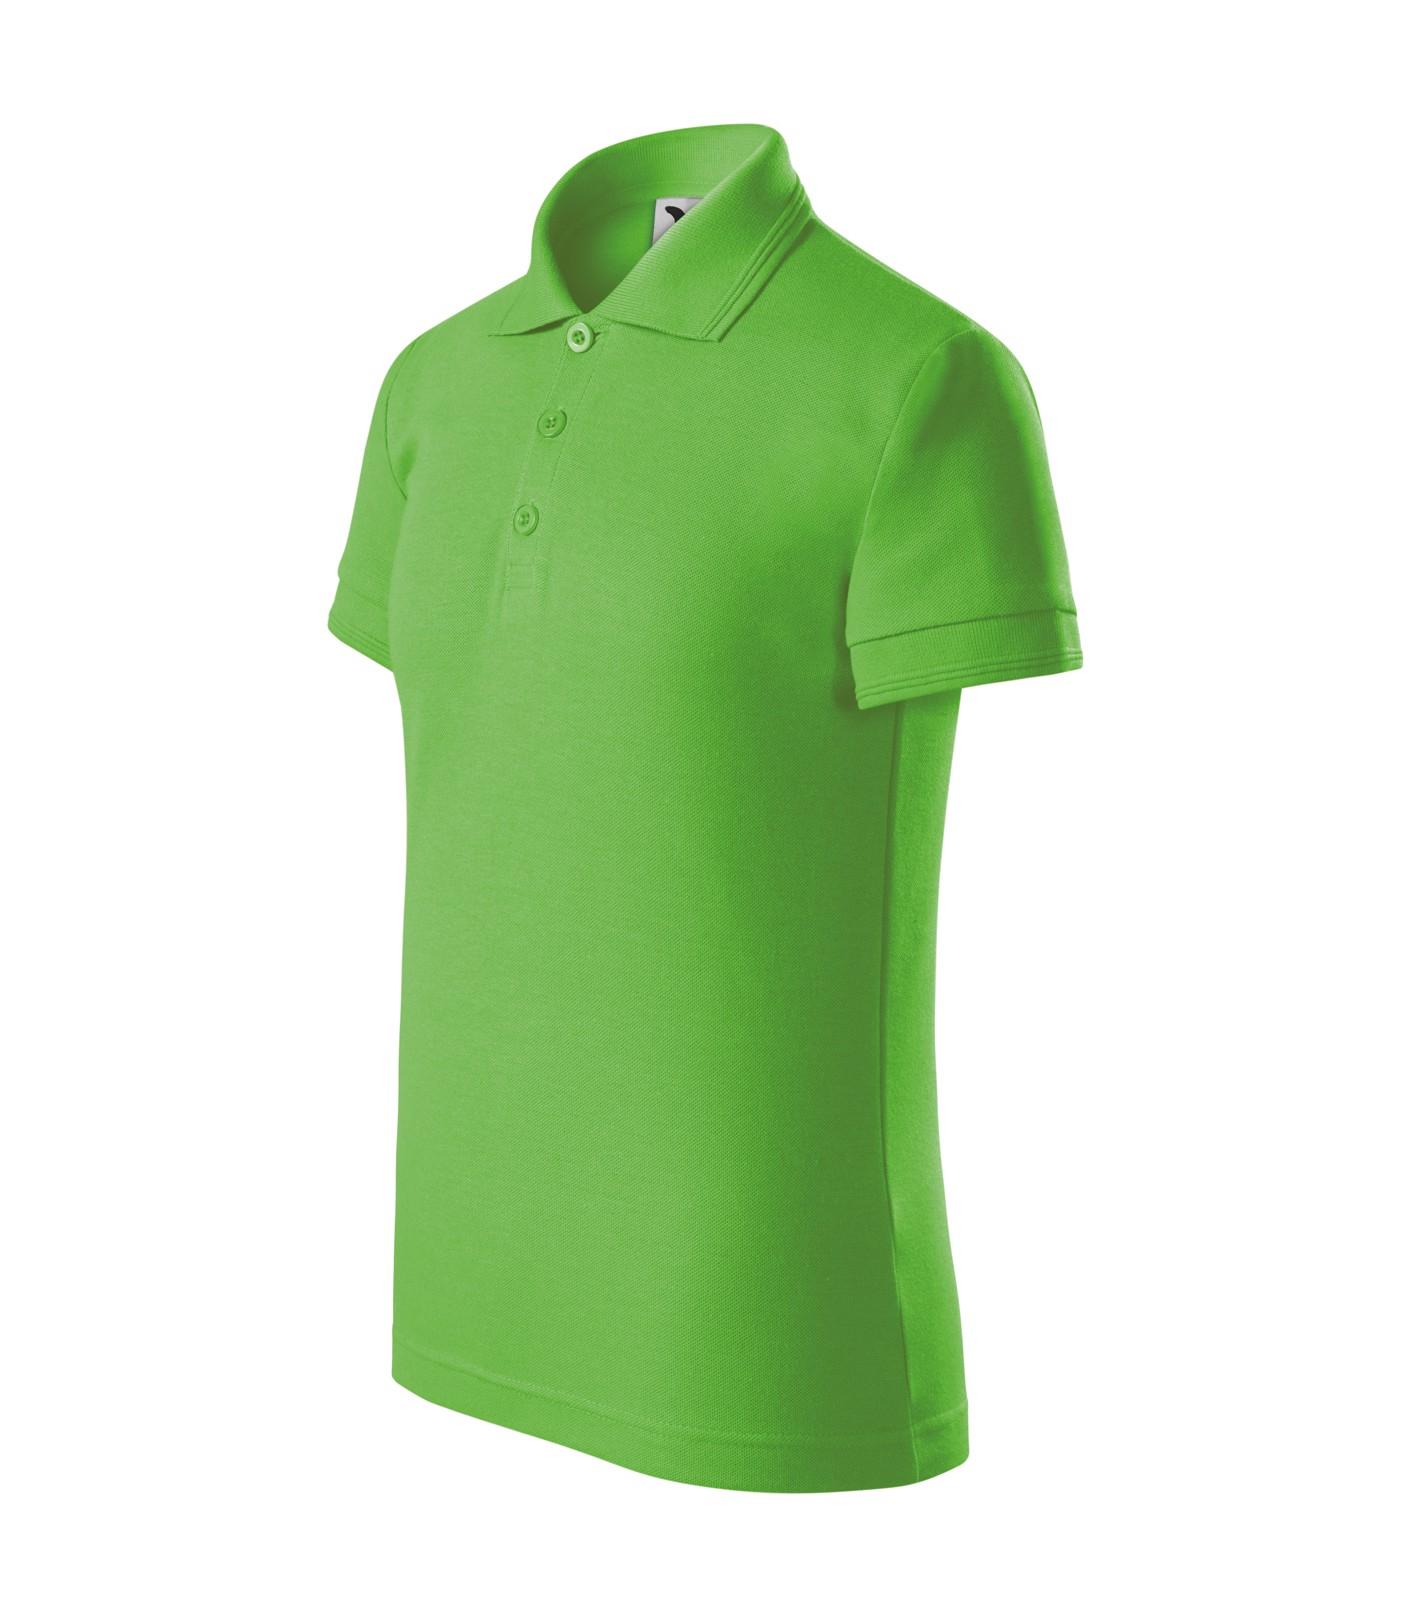 Polokošile dětská Malfini Pique Polo - Apple Green / 110 cm/4 roky